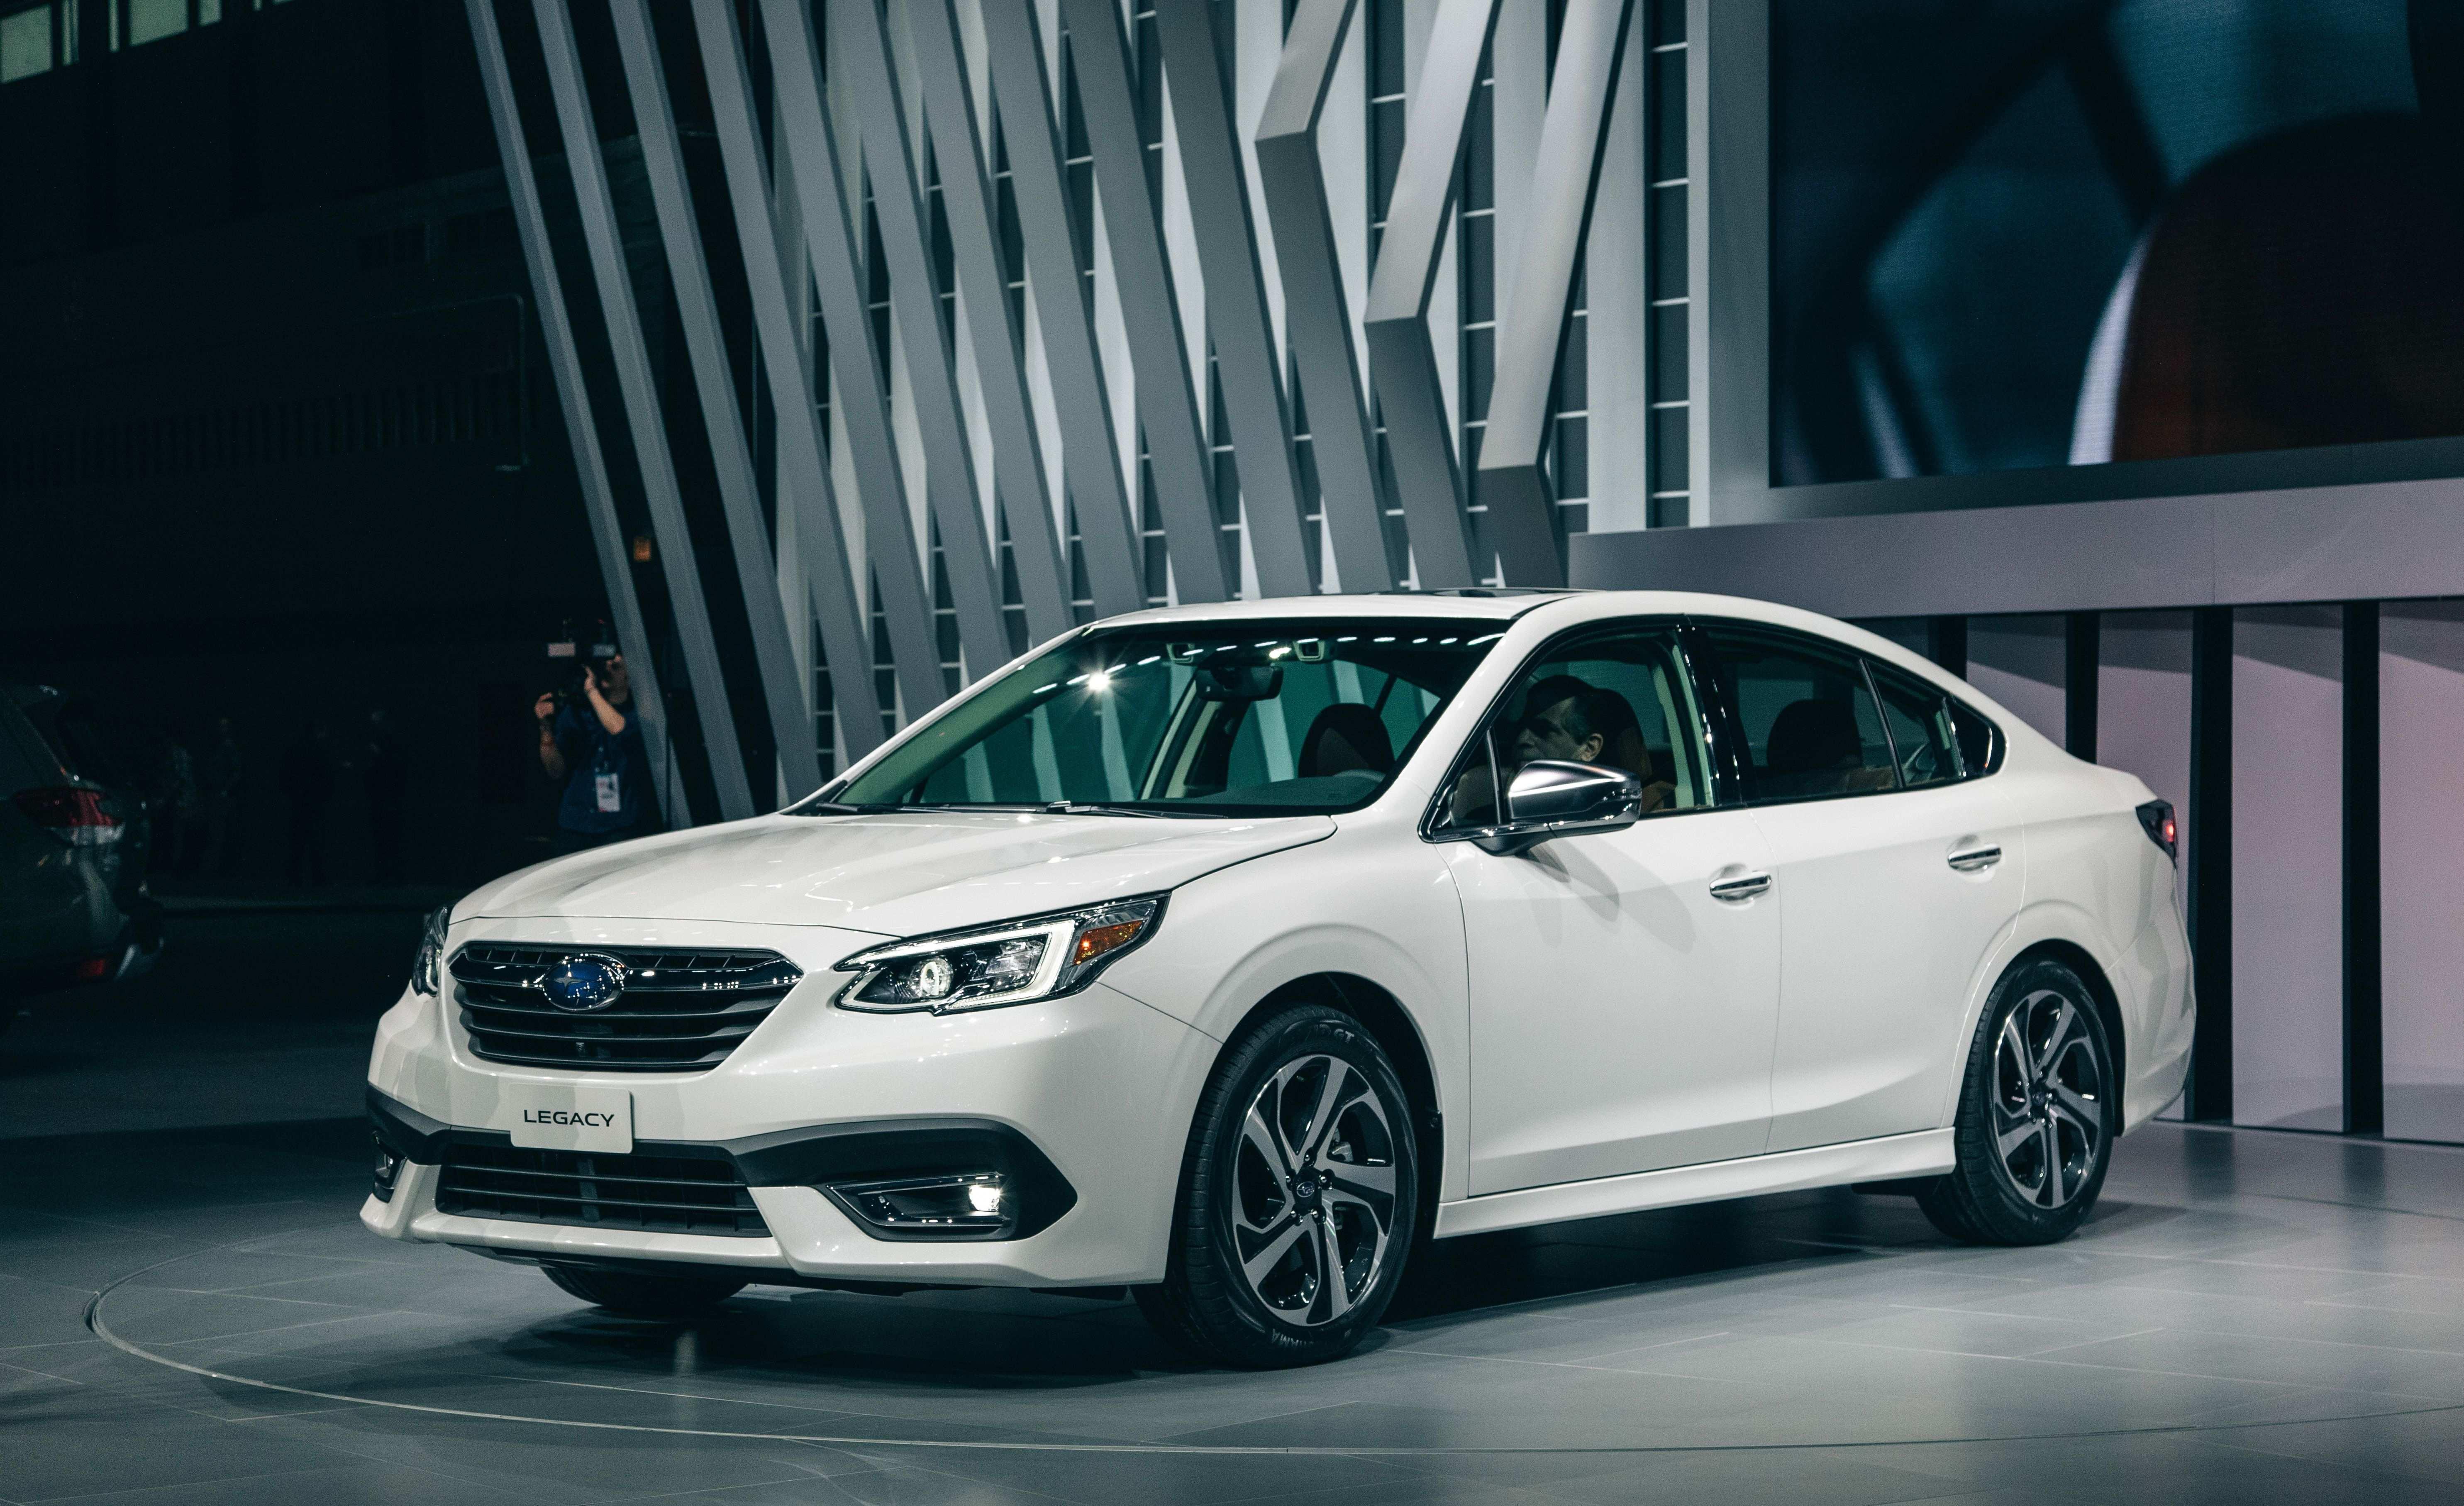 16 All New Subaru 2020 Sedan Photos for Subaru 2020 Sedan